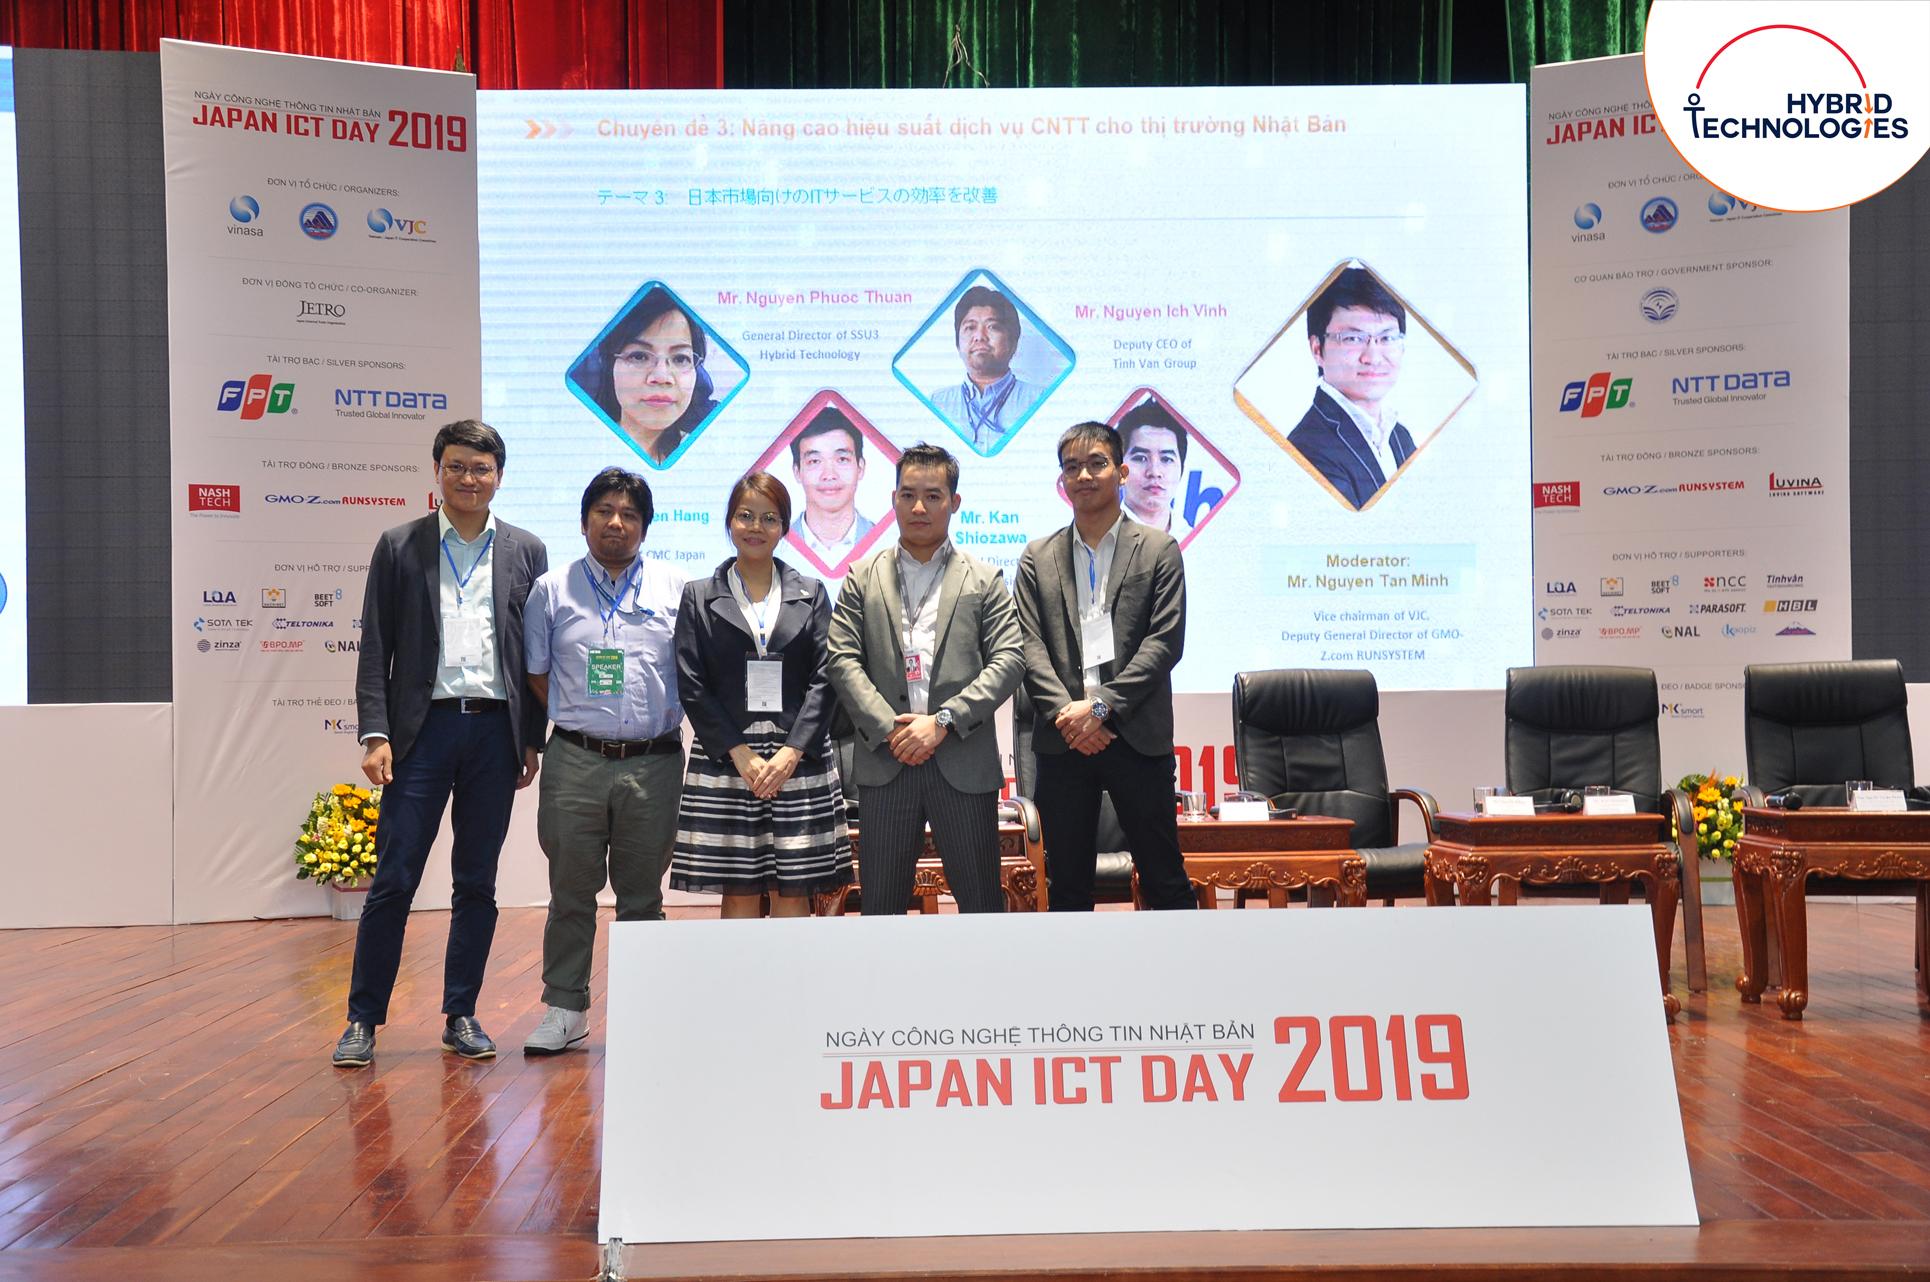 NHỮNG CHIA SẺ CỦA ANH NGUYỄN PHƯỚC THUẬN TẠI JAPAN ICT DAY 2019